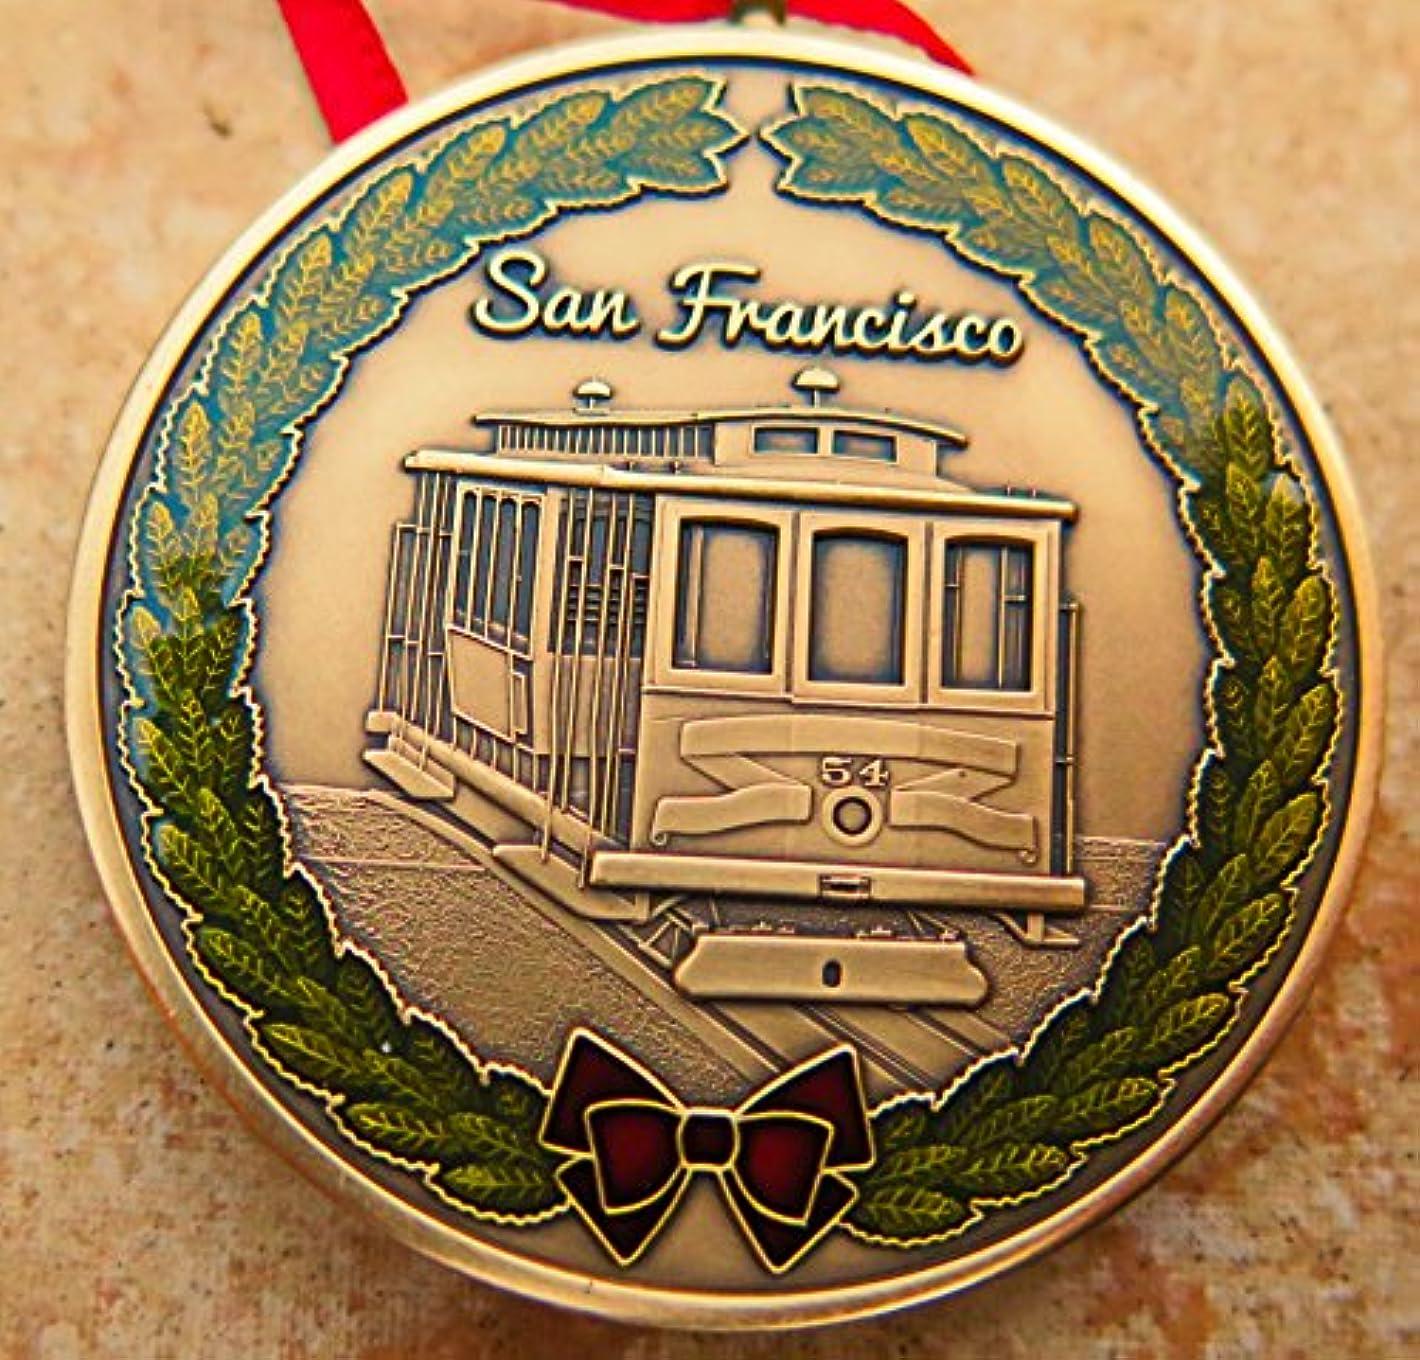 イブニングそよ風環境San Franciscoクリスマスオーナメントdkc-1603-b San Francisco Cable CarクリスマスオーナメントカスタムHand Engraved Mintedアンティーク真鍮の1.75